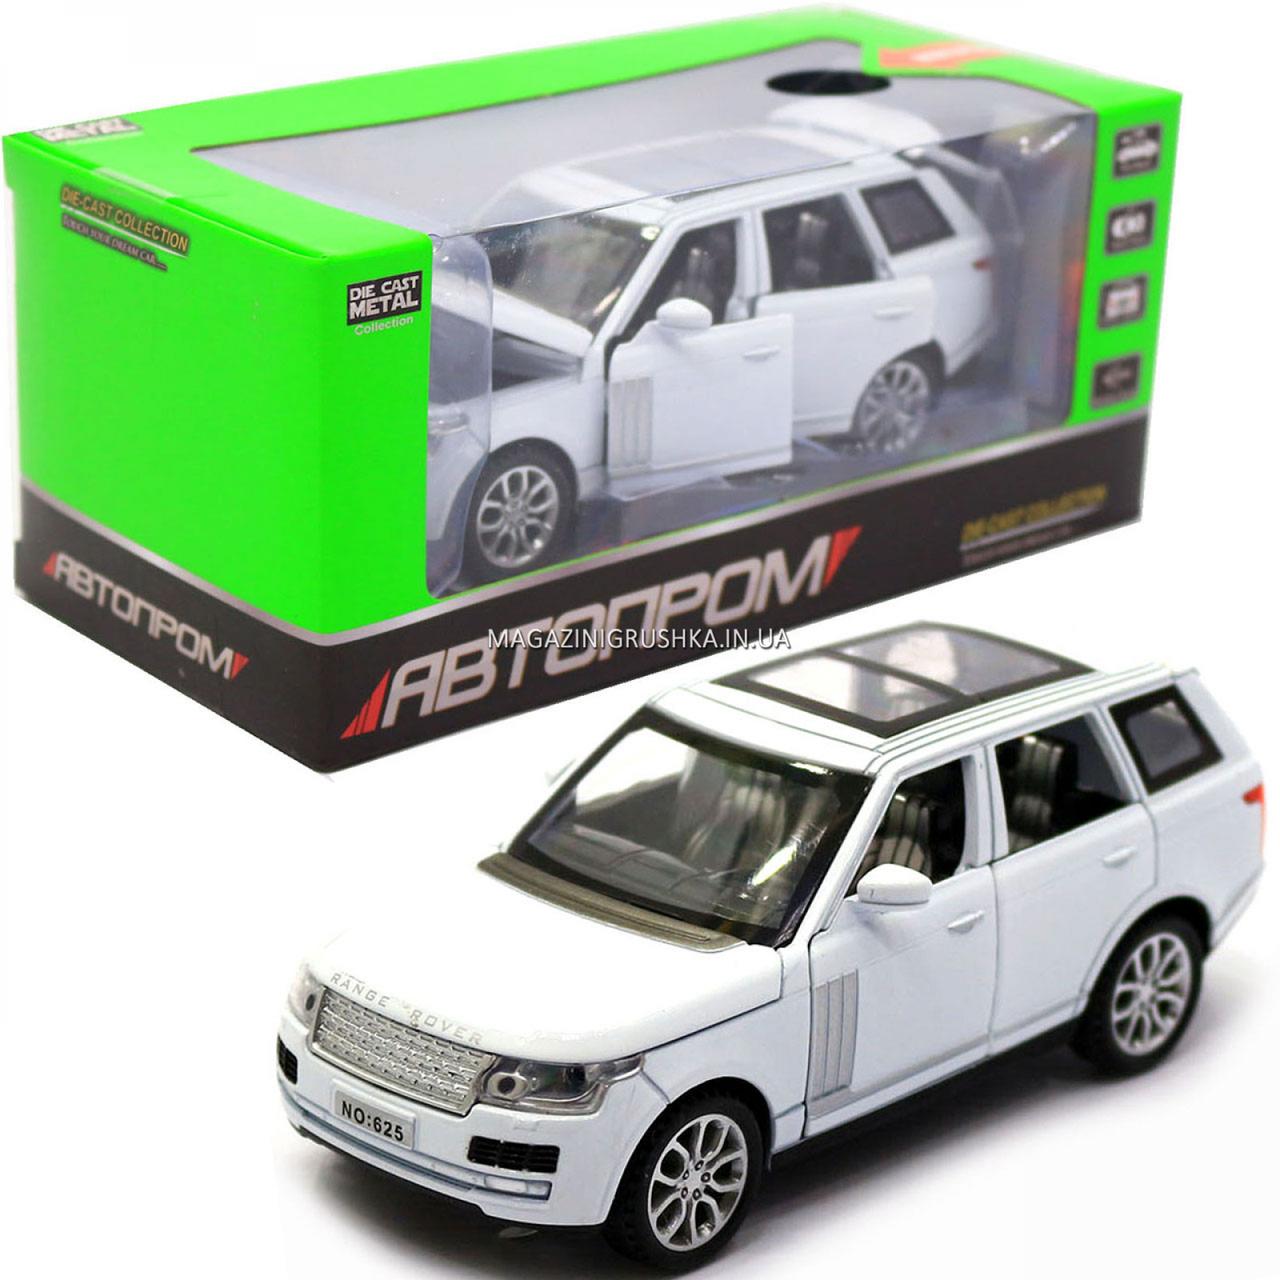 Машинка ігрова автопром «Range Rover» джип, метал, 15 см, білий (світло, звук, двері відкриваються) 7639